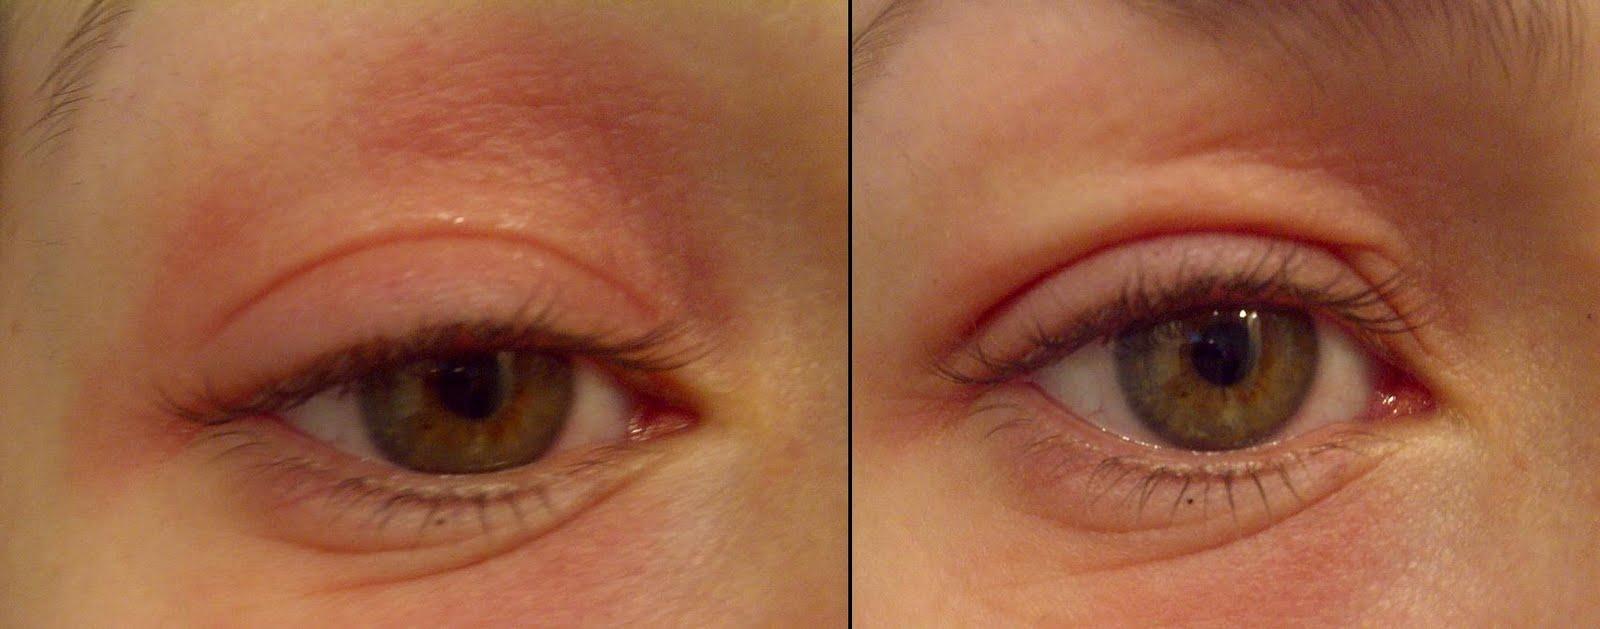 huid allergische reactie